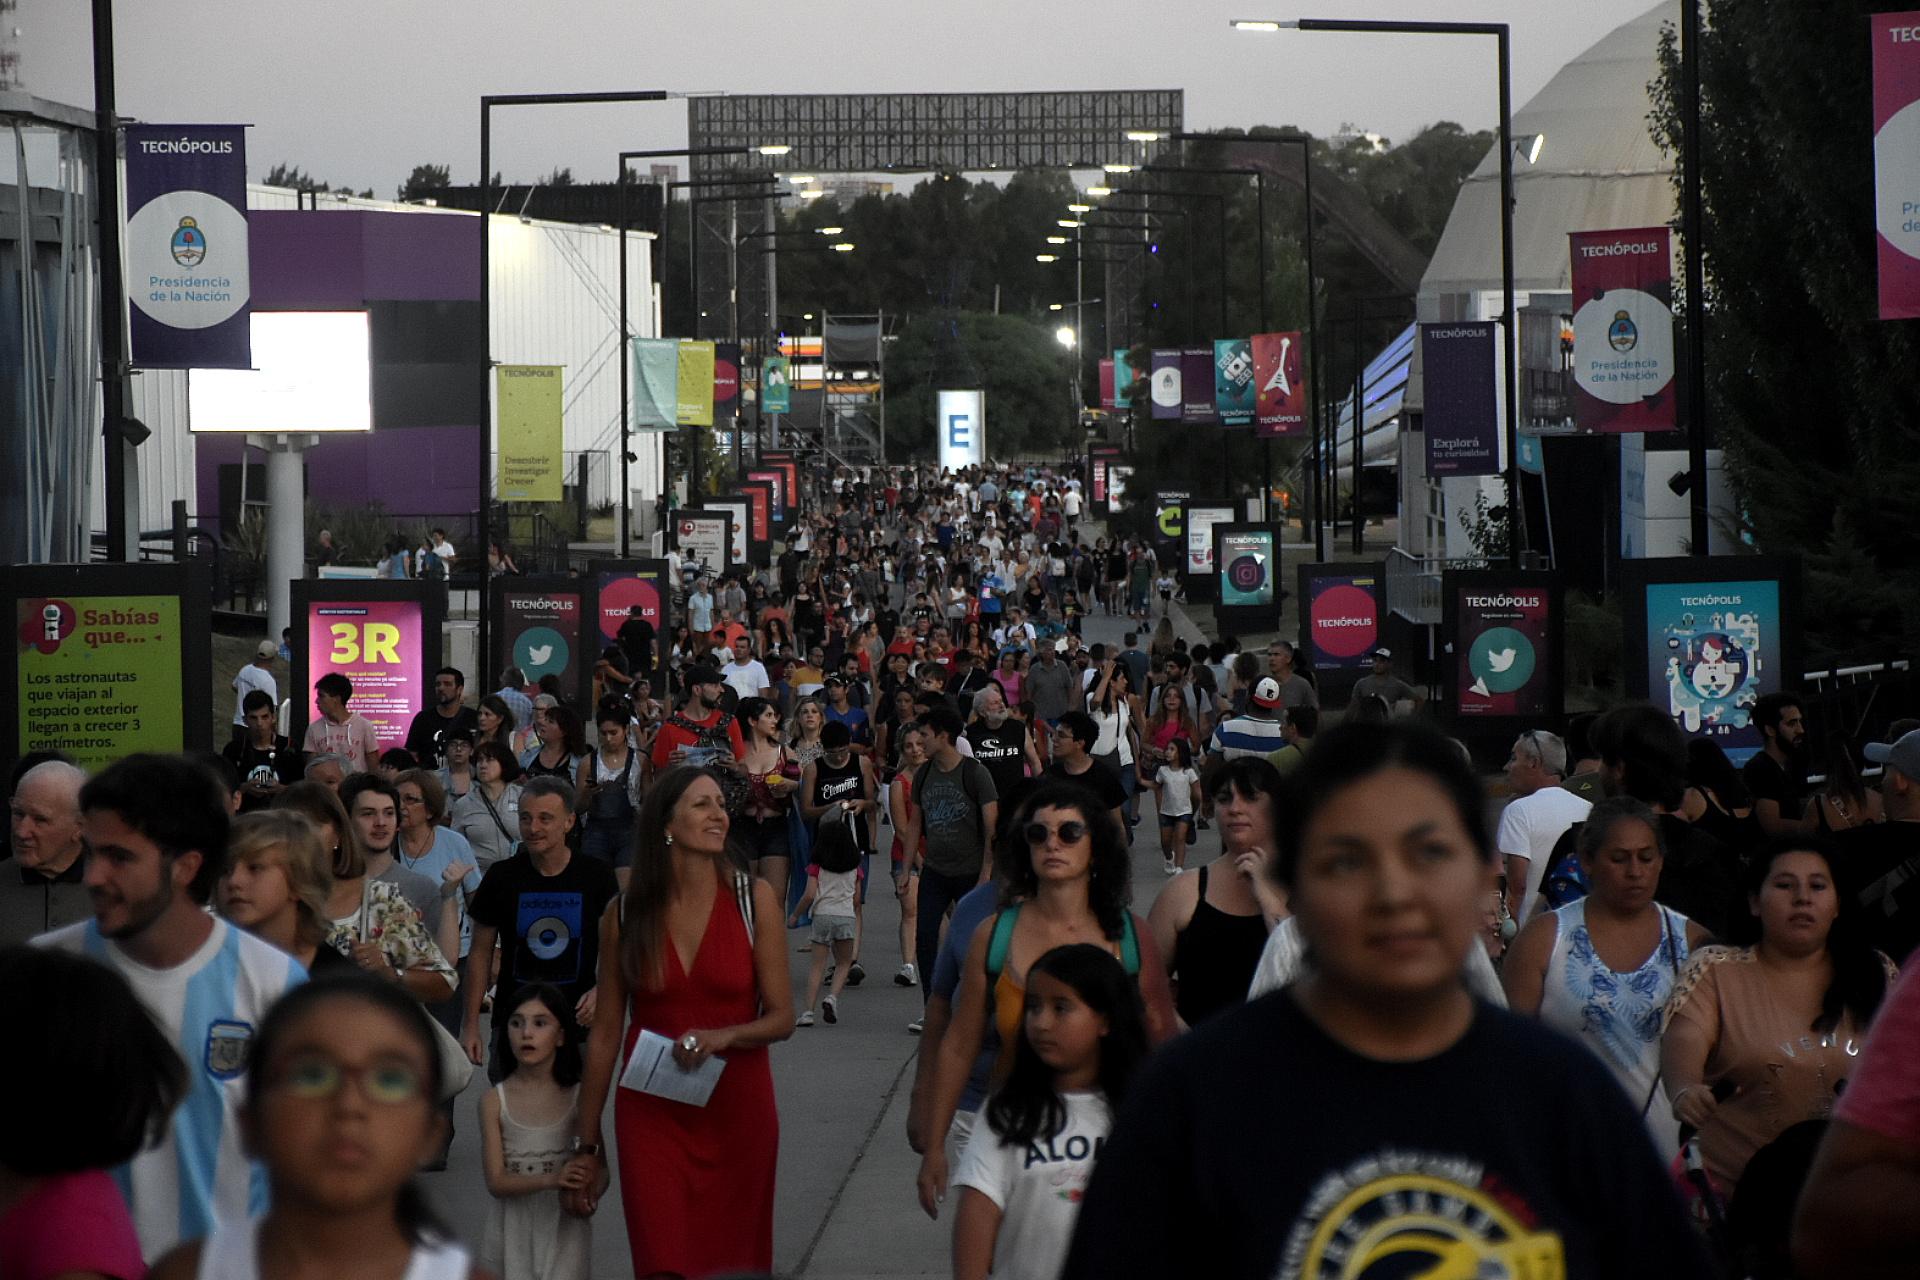 La multitud se agolpaba desde antes de las 18 frente a las puertas del parque.